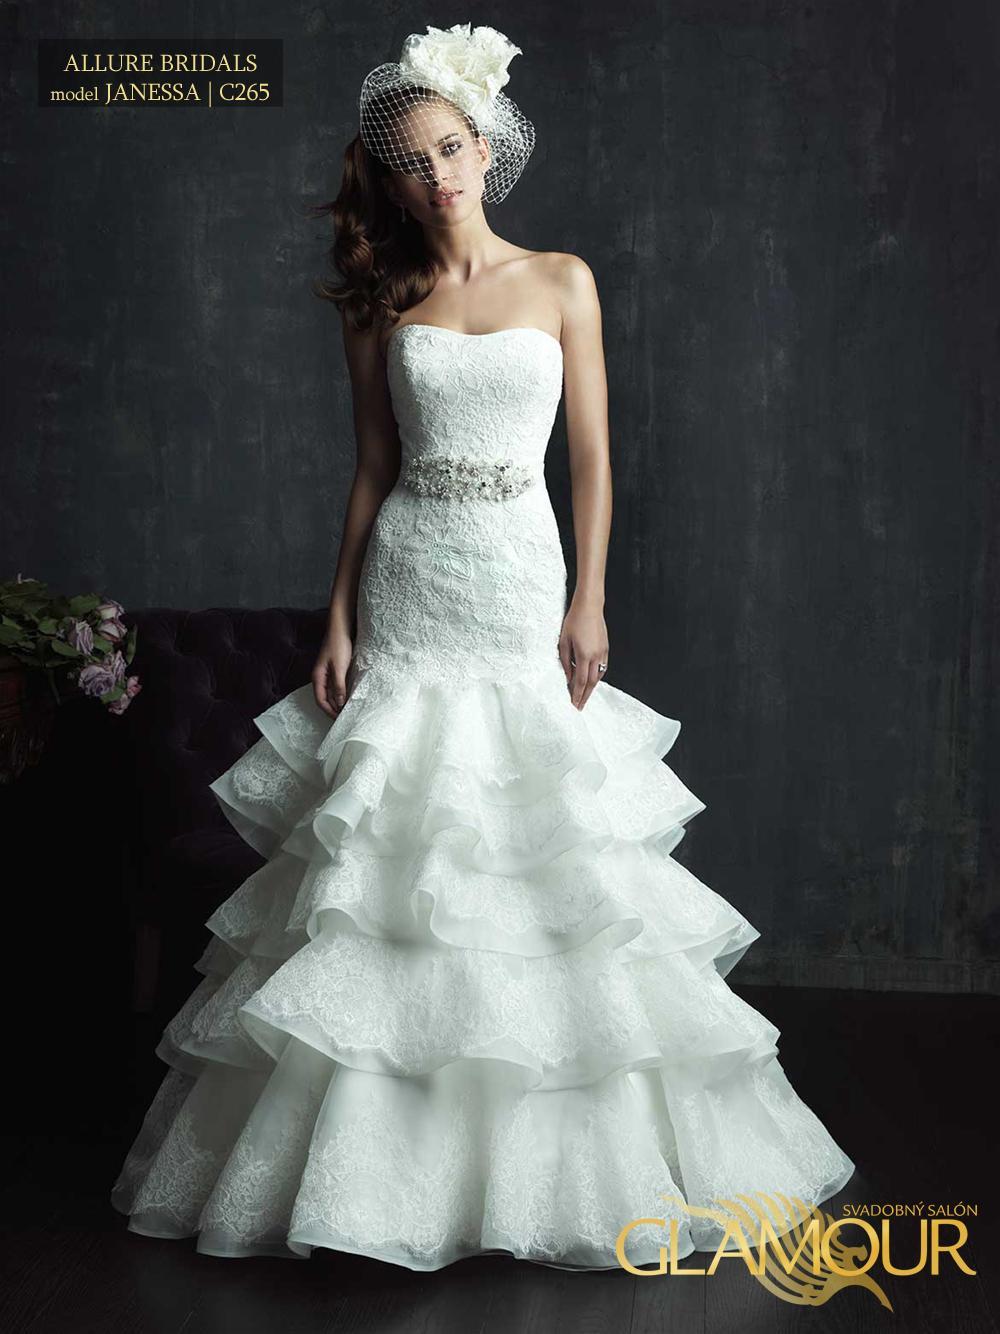 Nova kolekcia Allure Bridals 2014 - Allure Bridals model Janessa